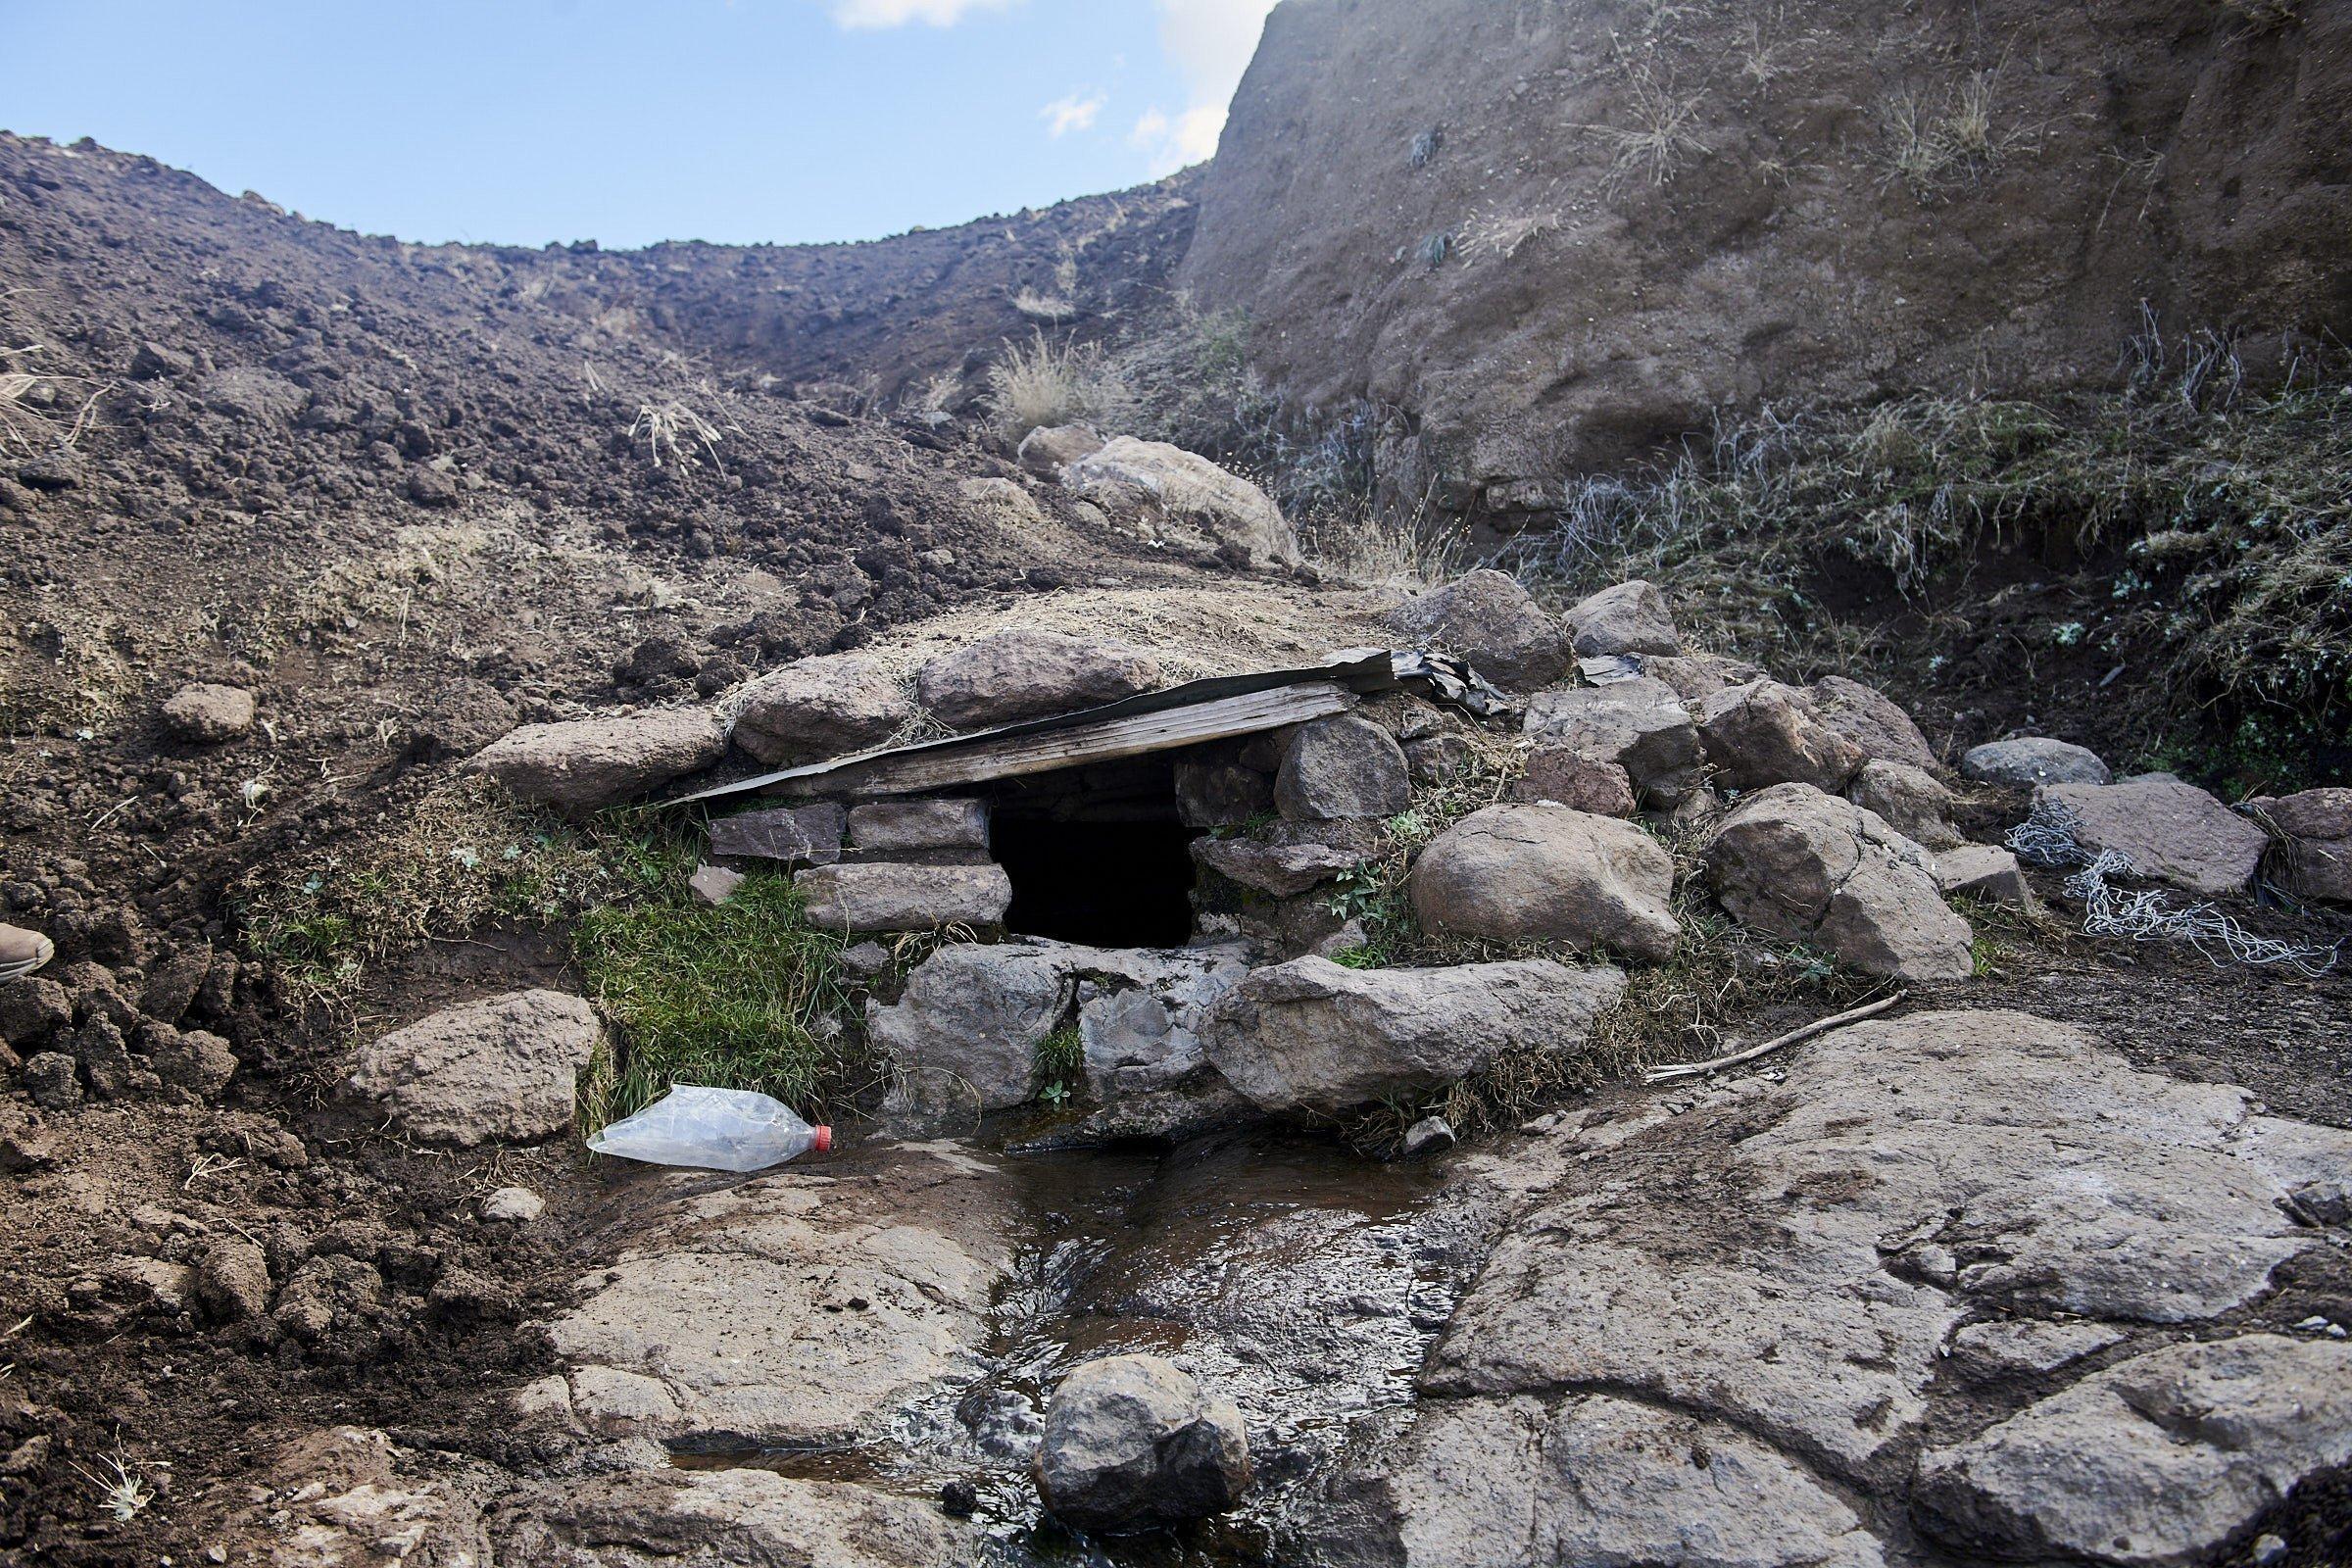 Unter einem kleinen Steindach kommt Quellwasser, daneben liegt eine leere Plastikflasche